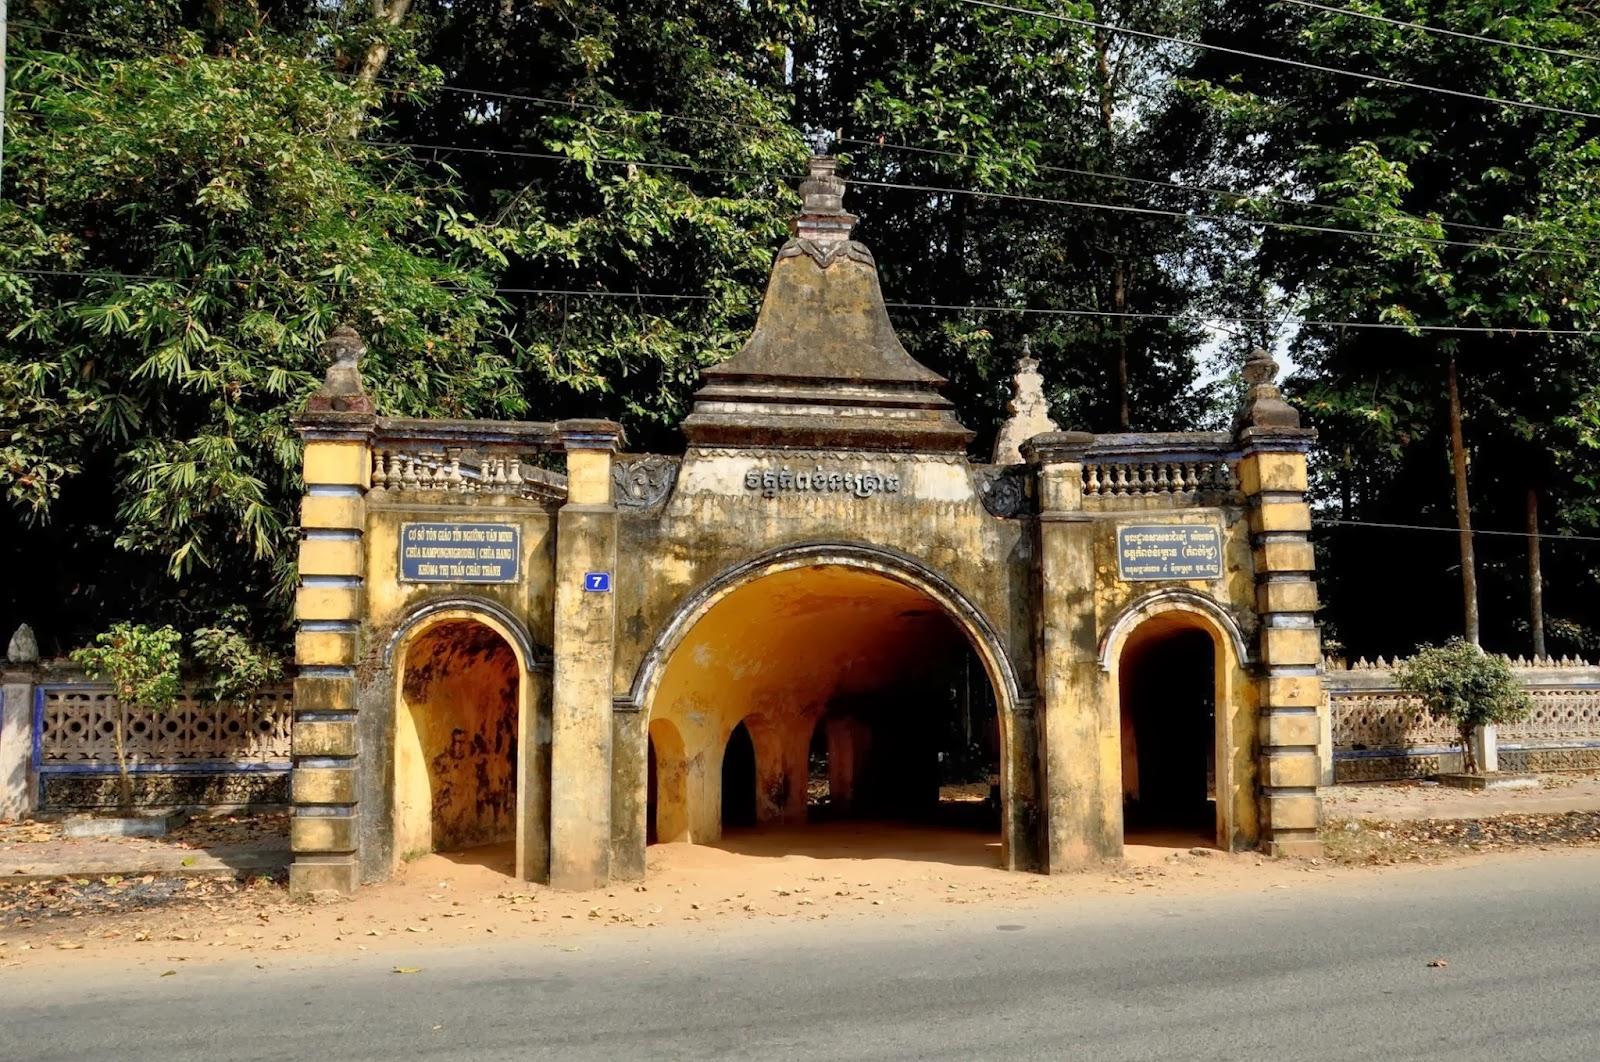 Chùa Hang (Chùa cò) Cù lao Tân Quy - địa điểm phải đến khi đi du lịch Trà Vinh